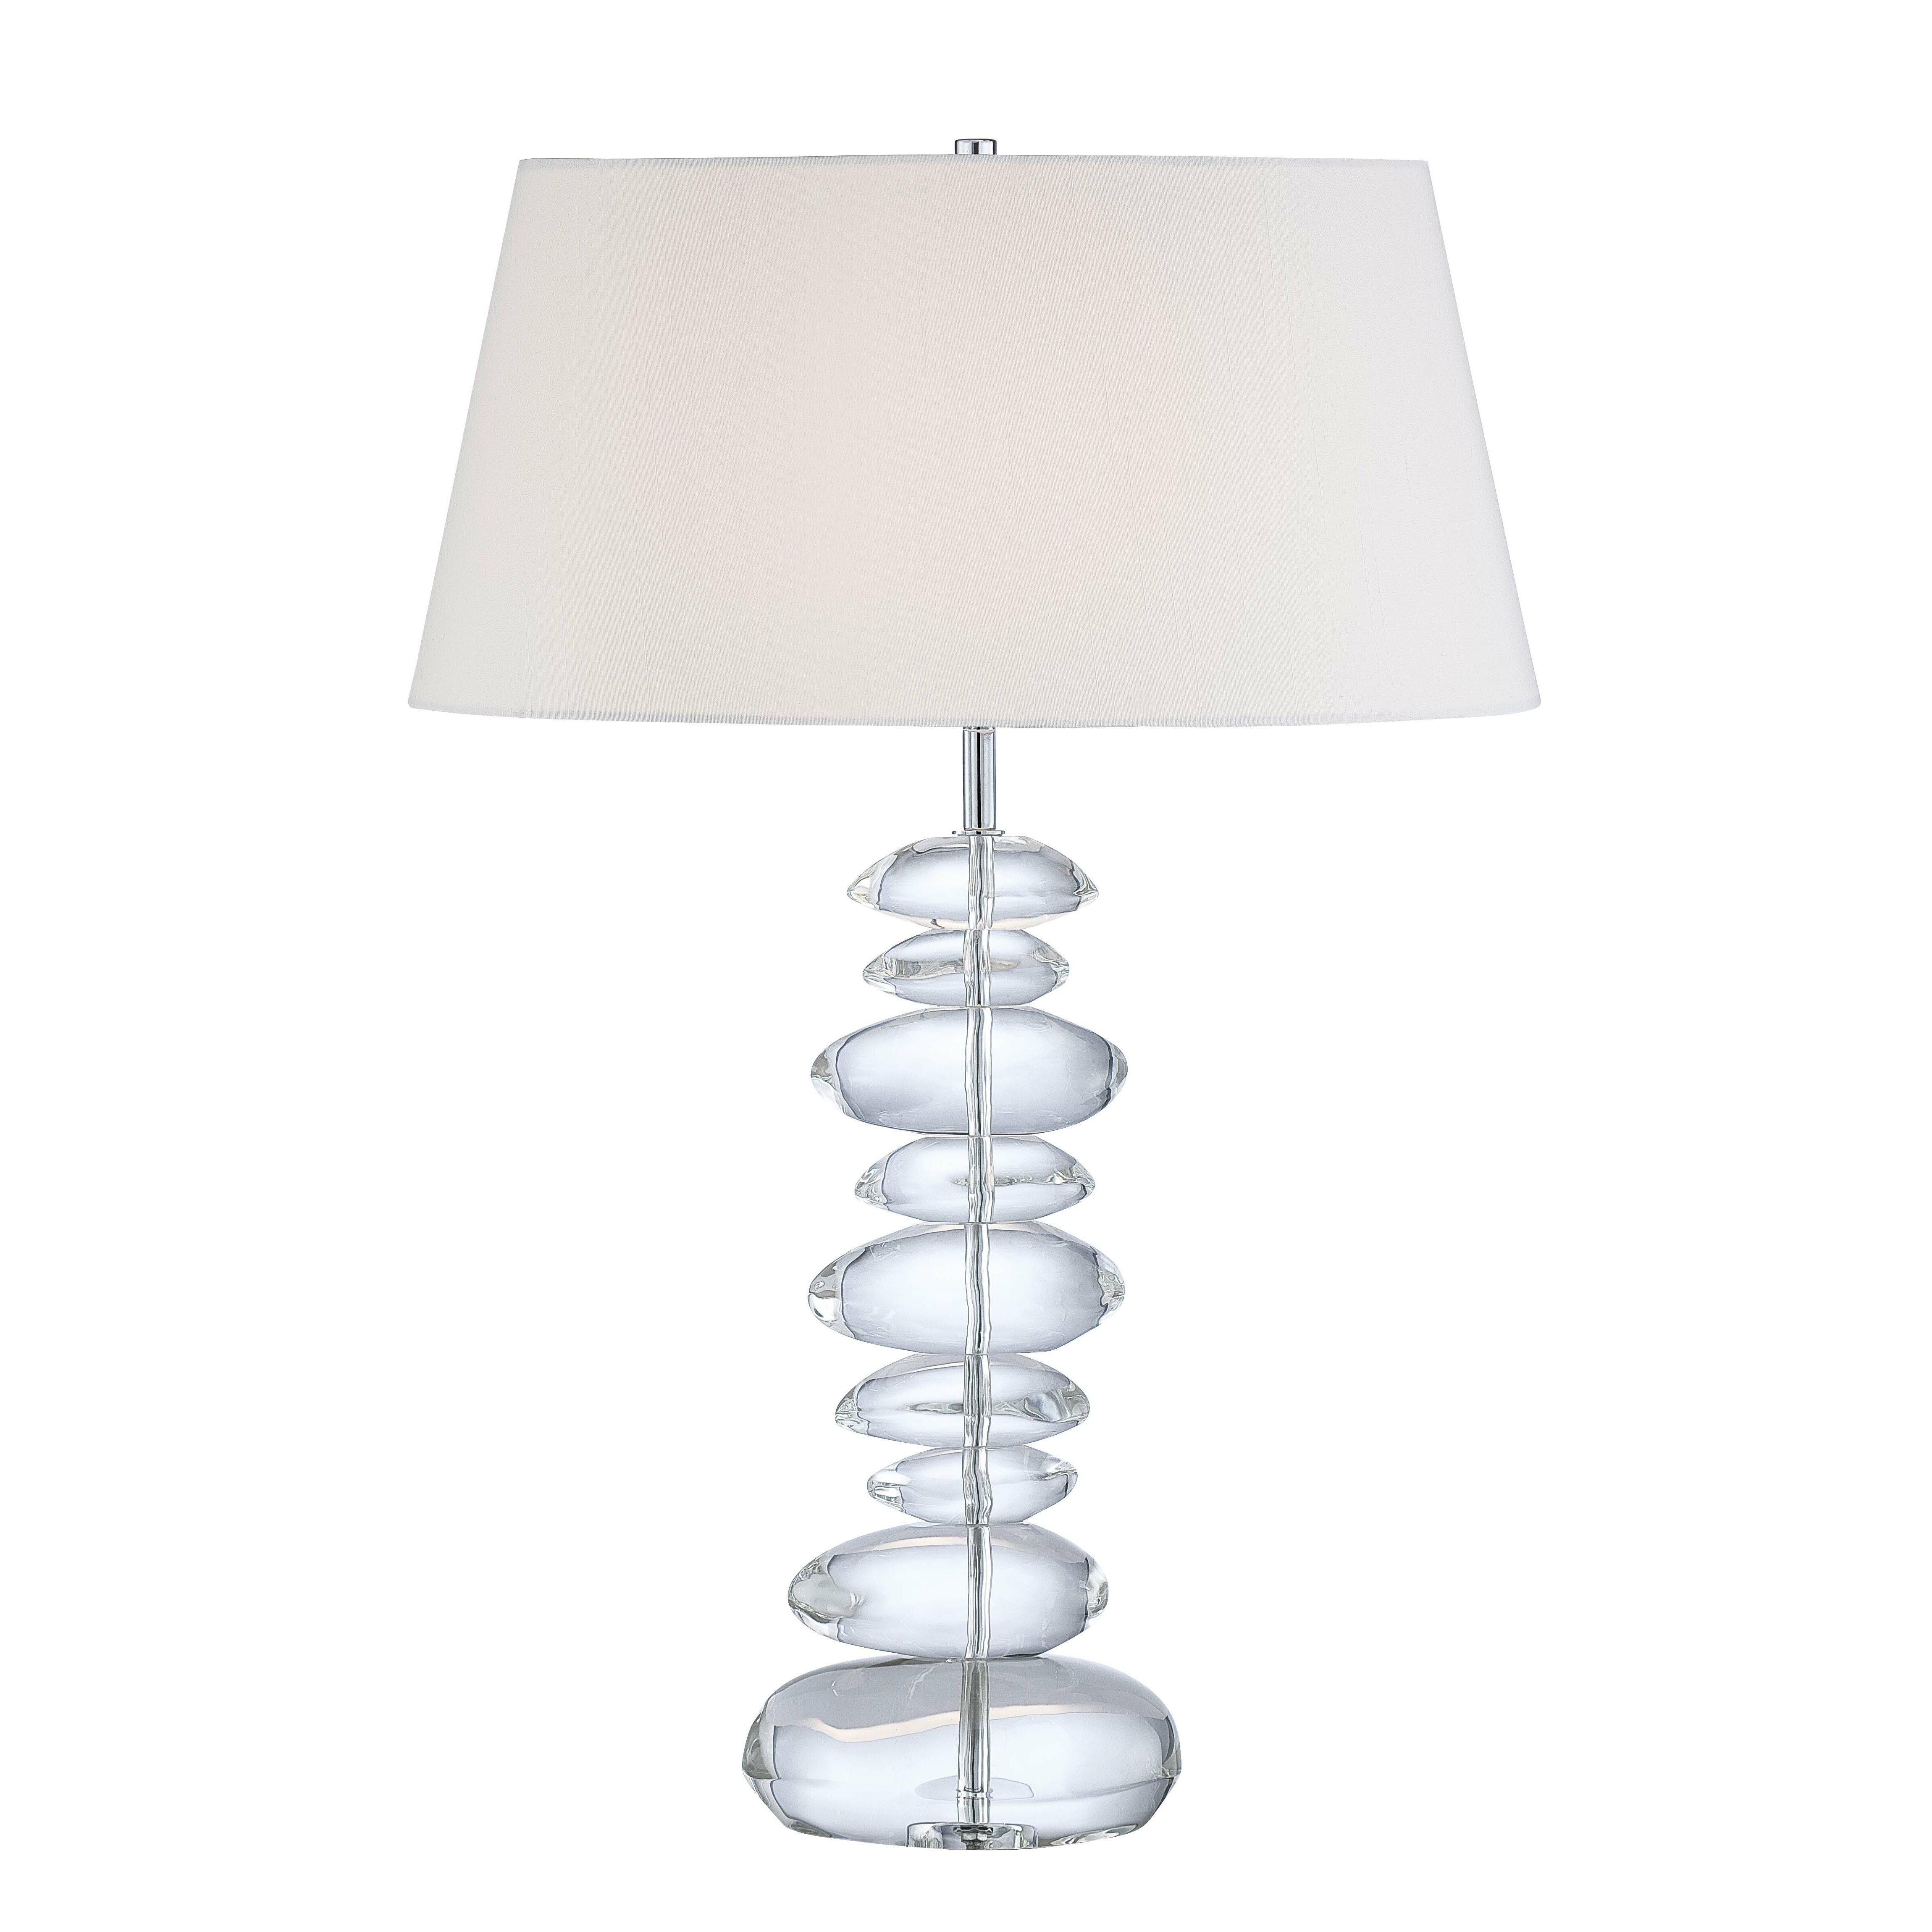 George Kovacs Unique 31 Table Lamp Reviews Wayfair